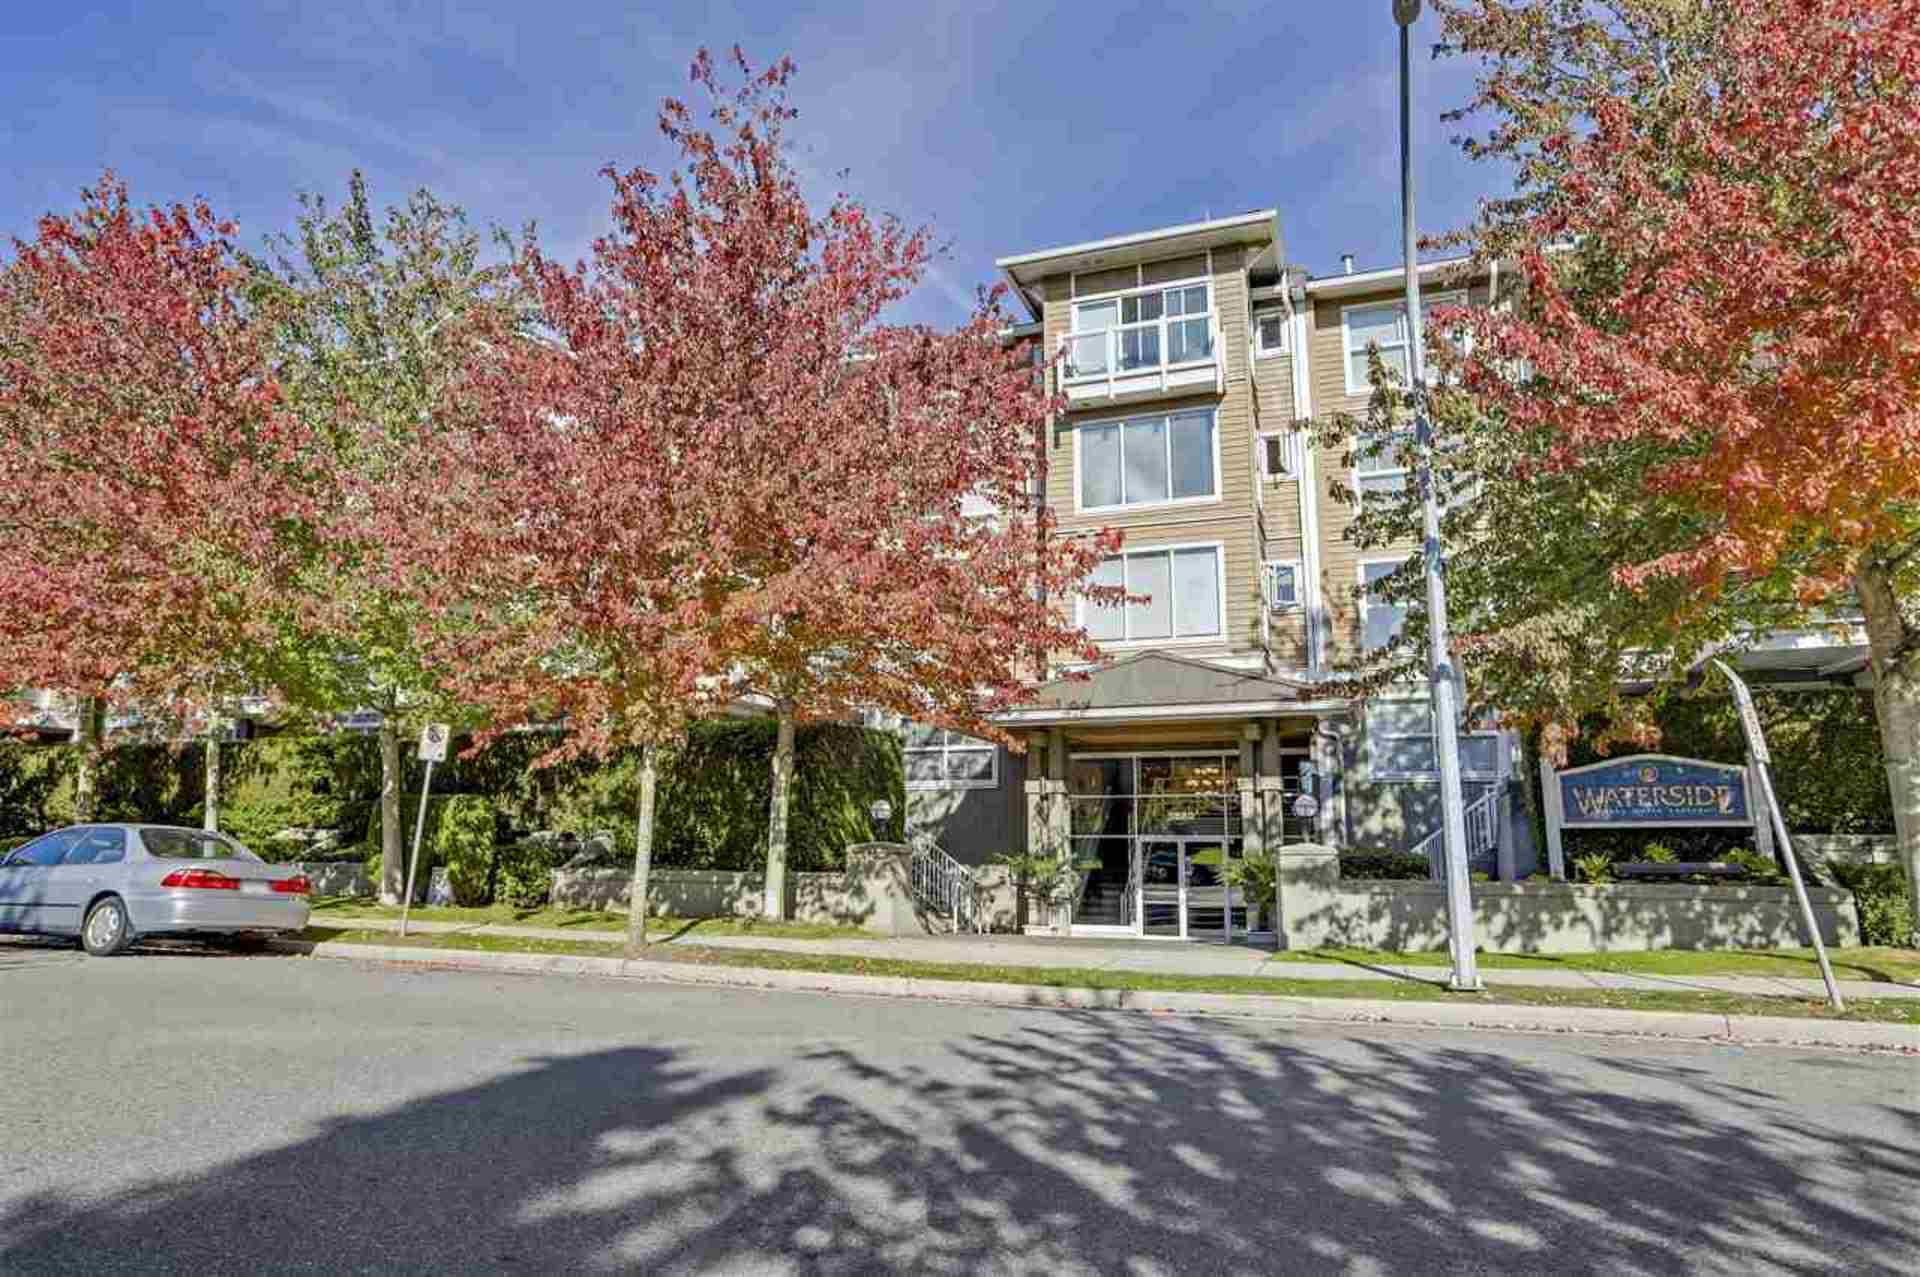 5880-dover-crescent-riverdale-ri-richmond-01 at 325 - 5880 Dover Crescent, Riverdale RI, Richmond